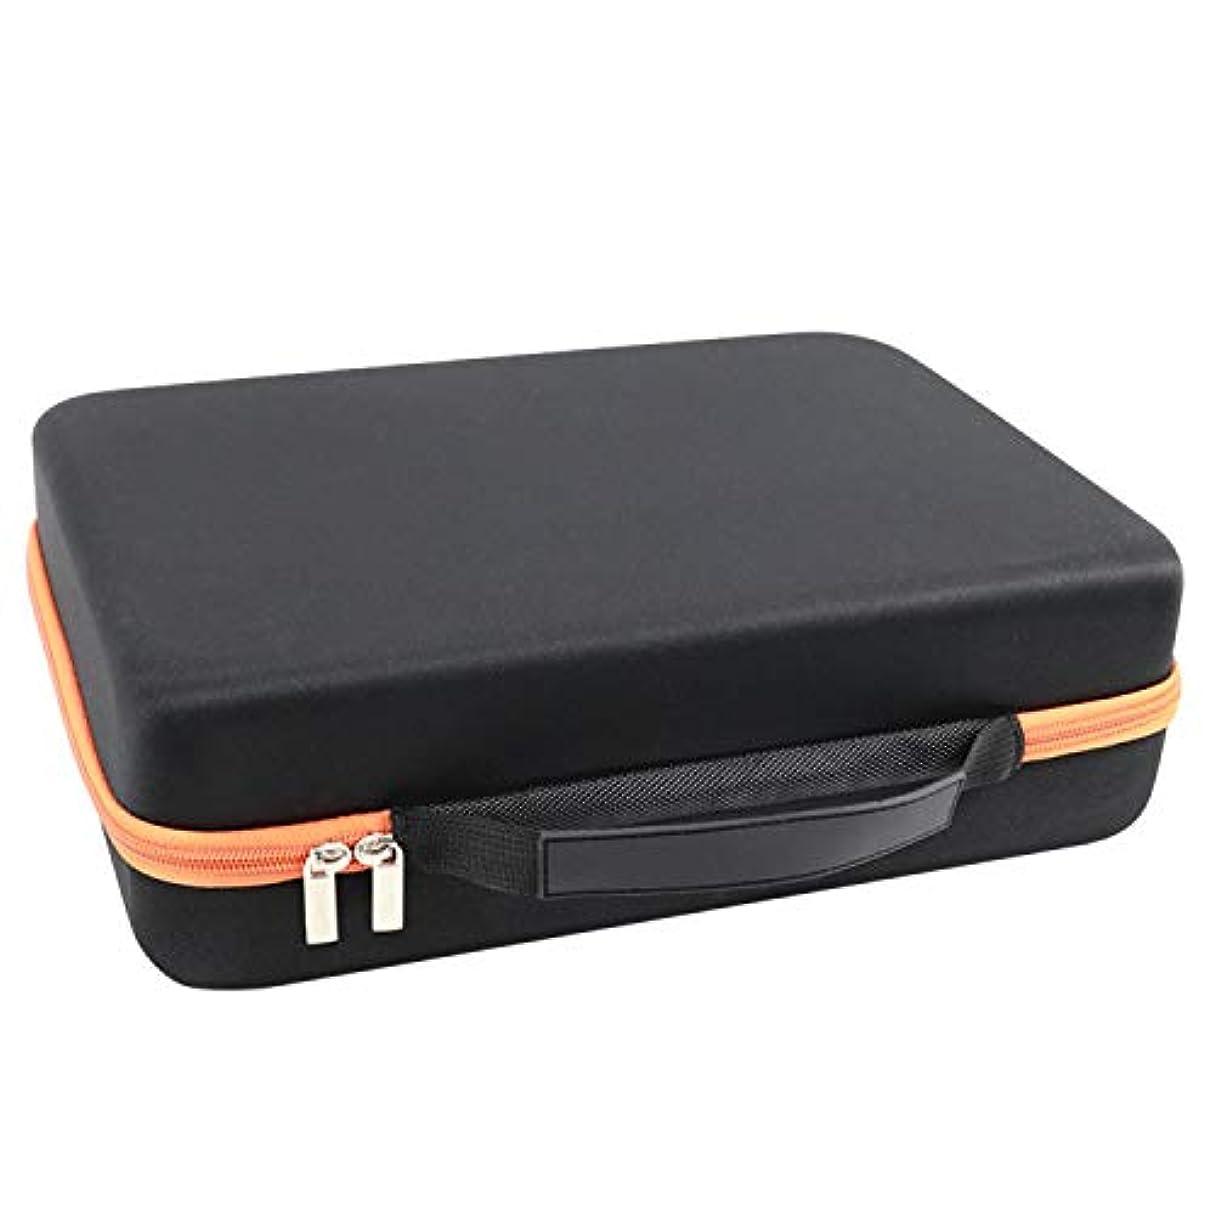 壮大な一掃する鑑定Migavan 70グリッド15ミリリットルエッセンシャルオイル ケース 携帯用 アロマケース メイクポーチ 精油ケース 大容量 アロマセラピストポーチエッセンシャルオイルトラベルケース